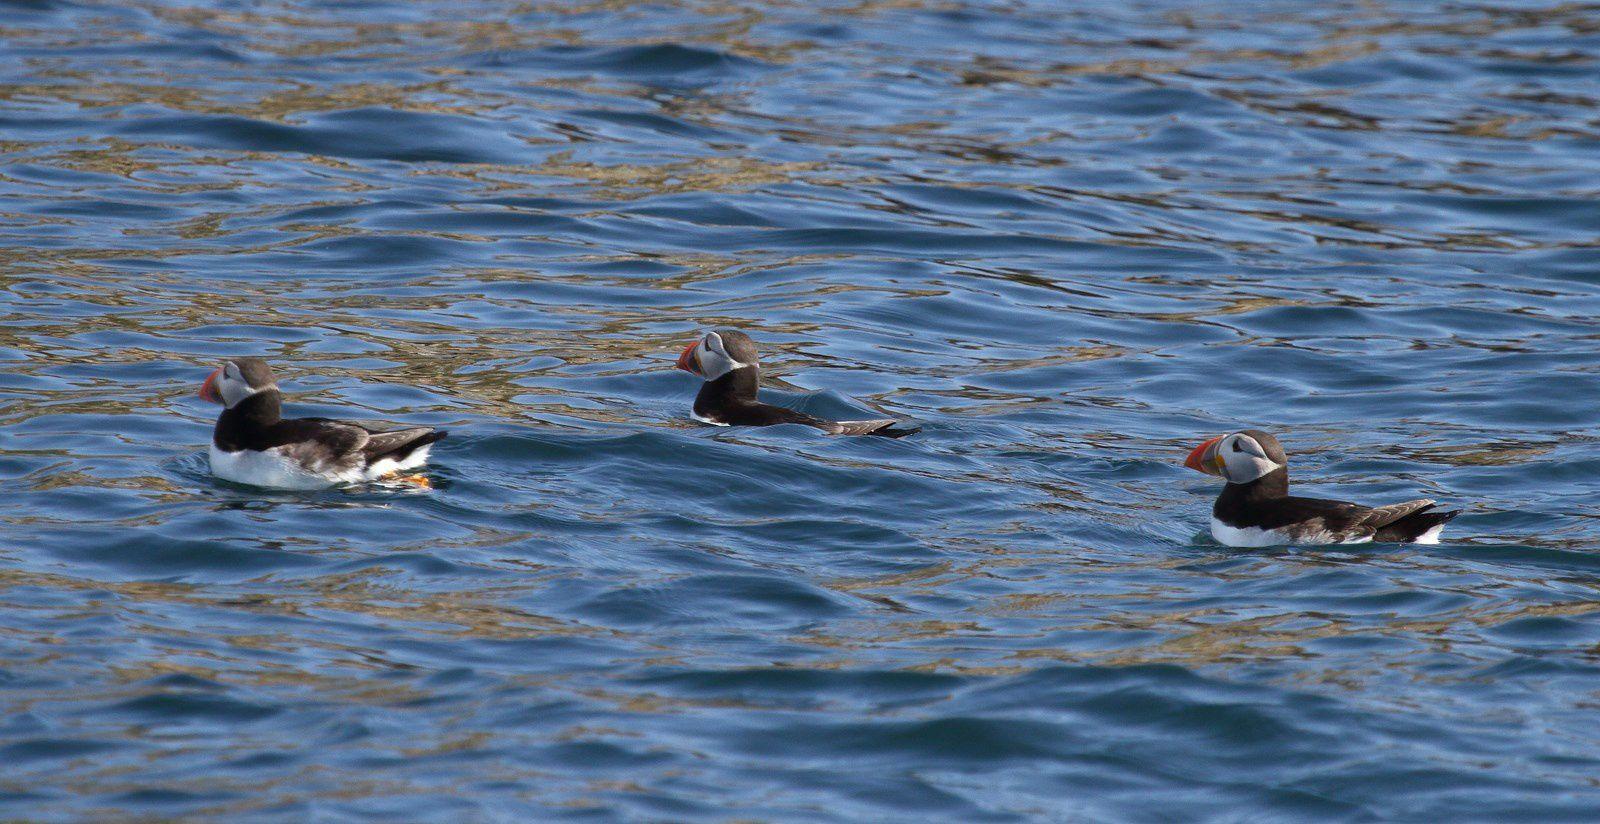 Un tour des sept îles avec la LPO m'a permis de découvrir les fous de bassan (superbe oiseau), les macareux, pingouins torda,phoques gris, cormorans huppés...